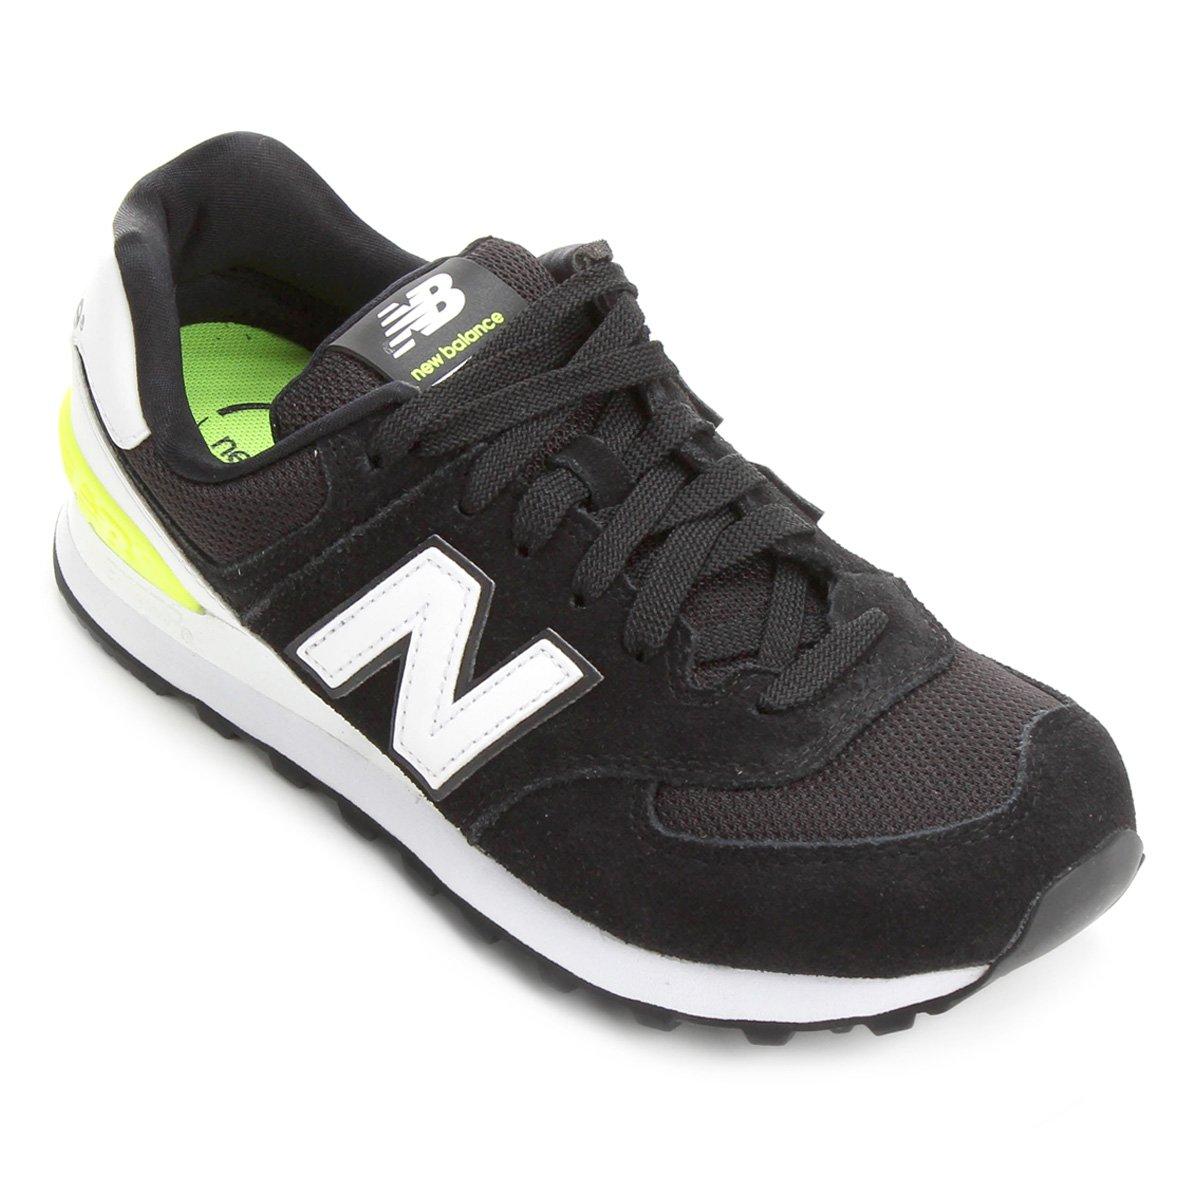 80bcf3e3fdc Tênis New Balance 574 Feminino - Compre Agora